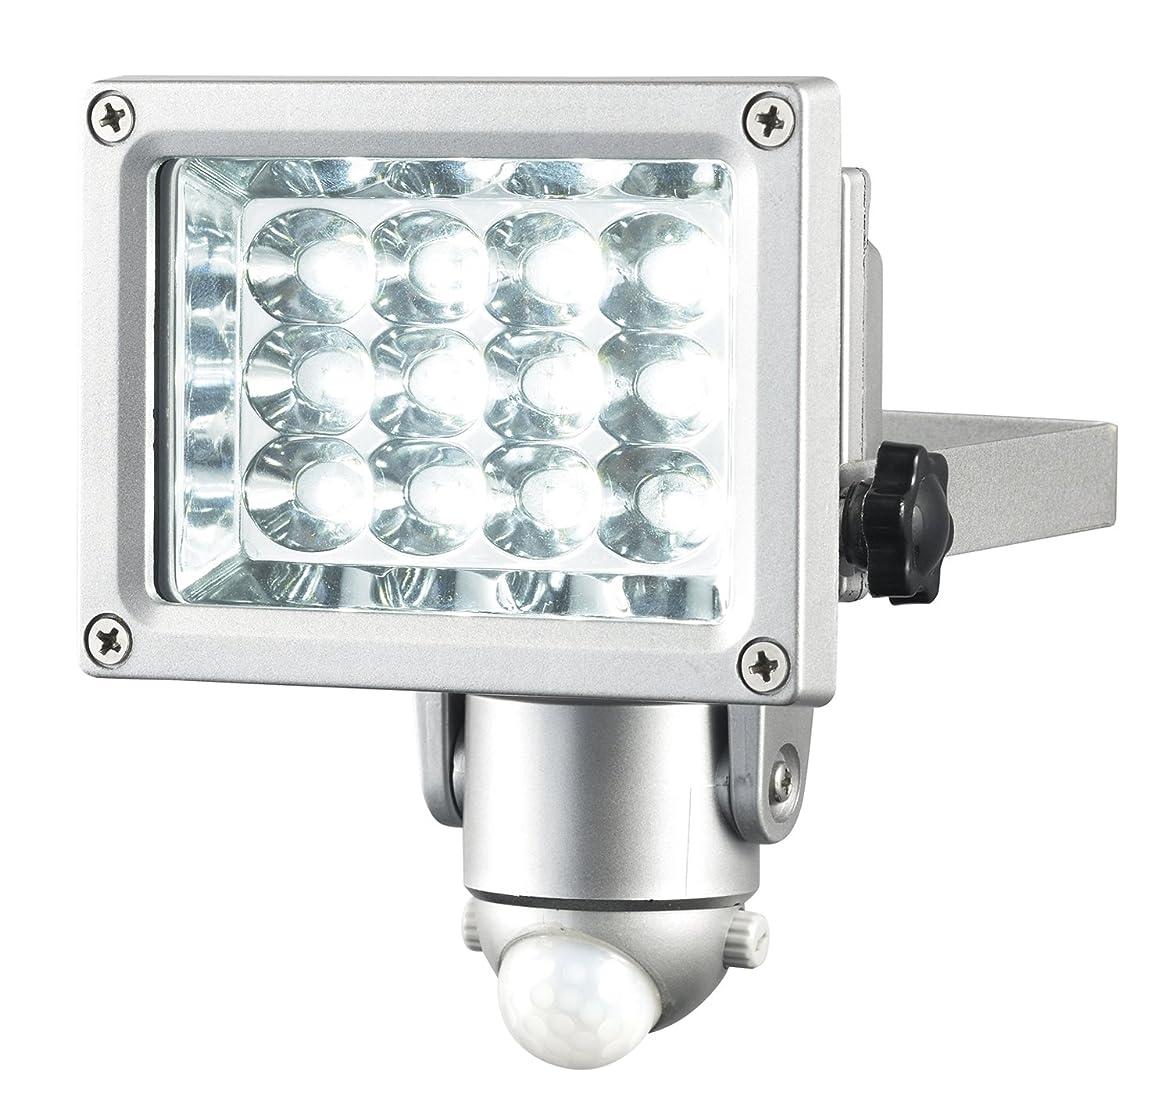 本質的ではないジャベスウィルソンシンプルな高儀 EARTH MAN AC100V式LEDセンサーライト12W SLT-190